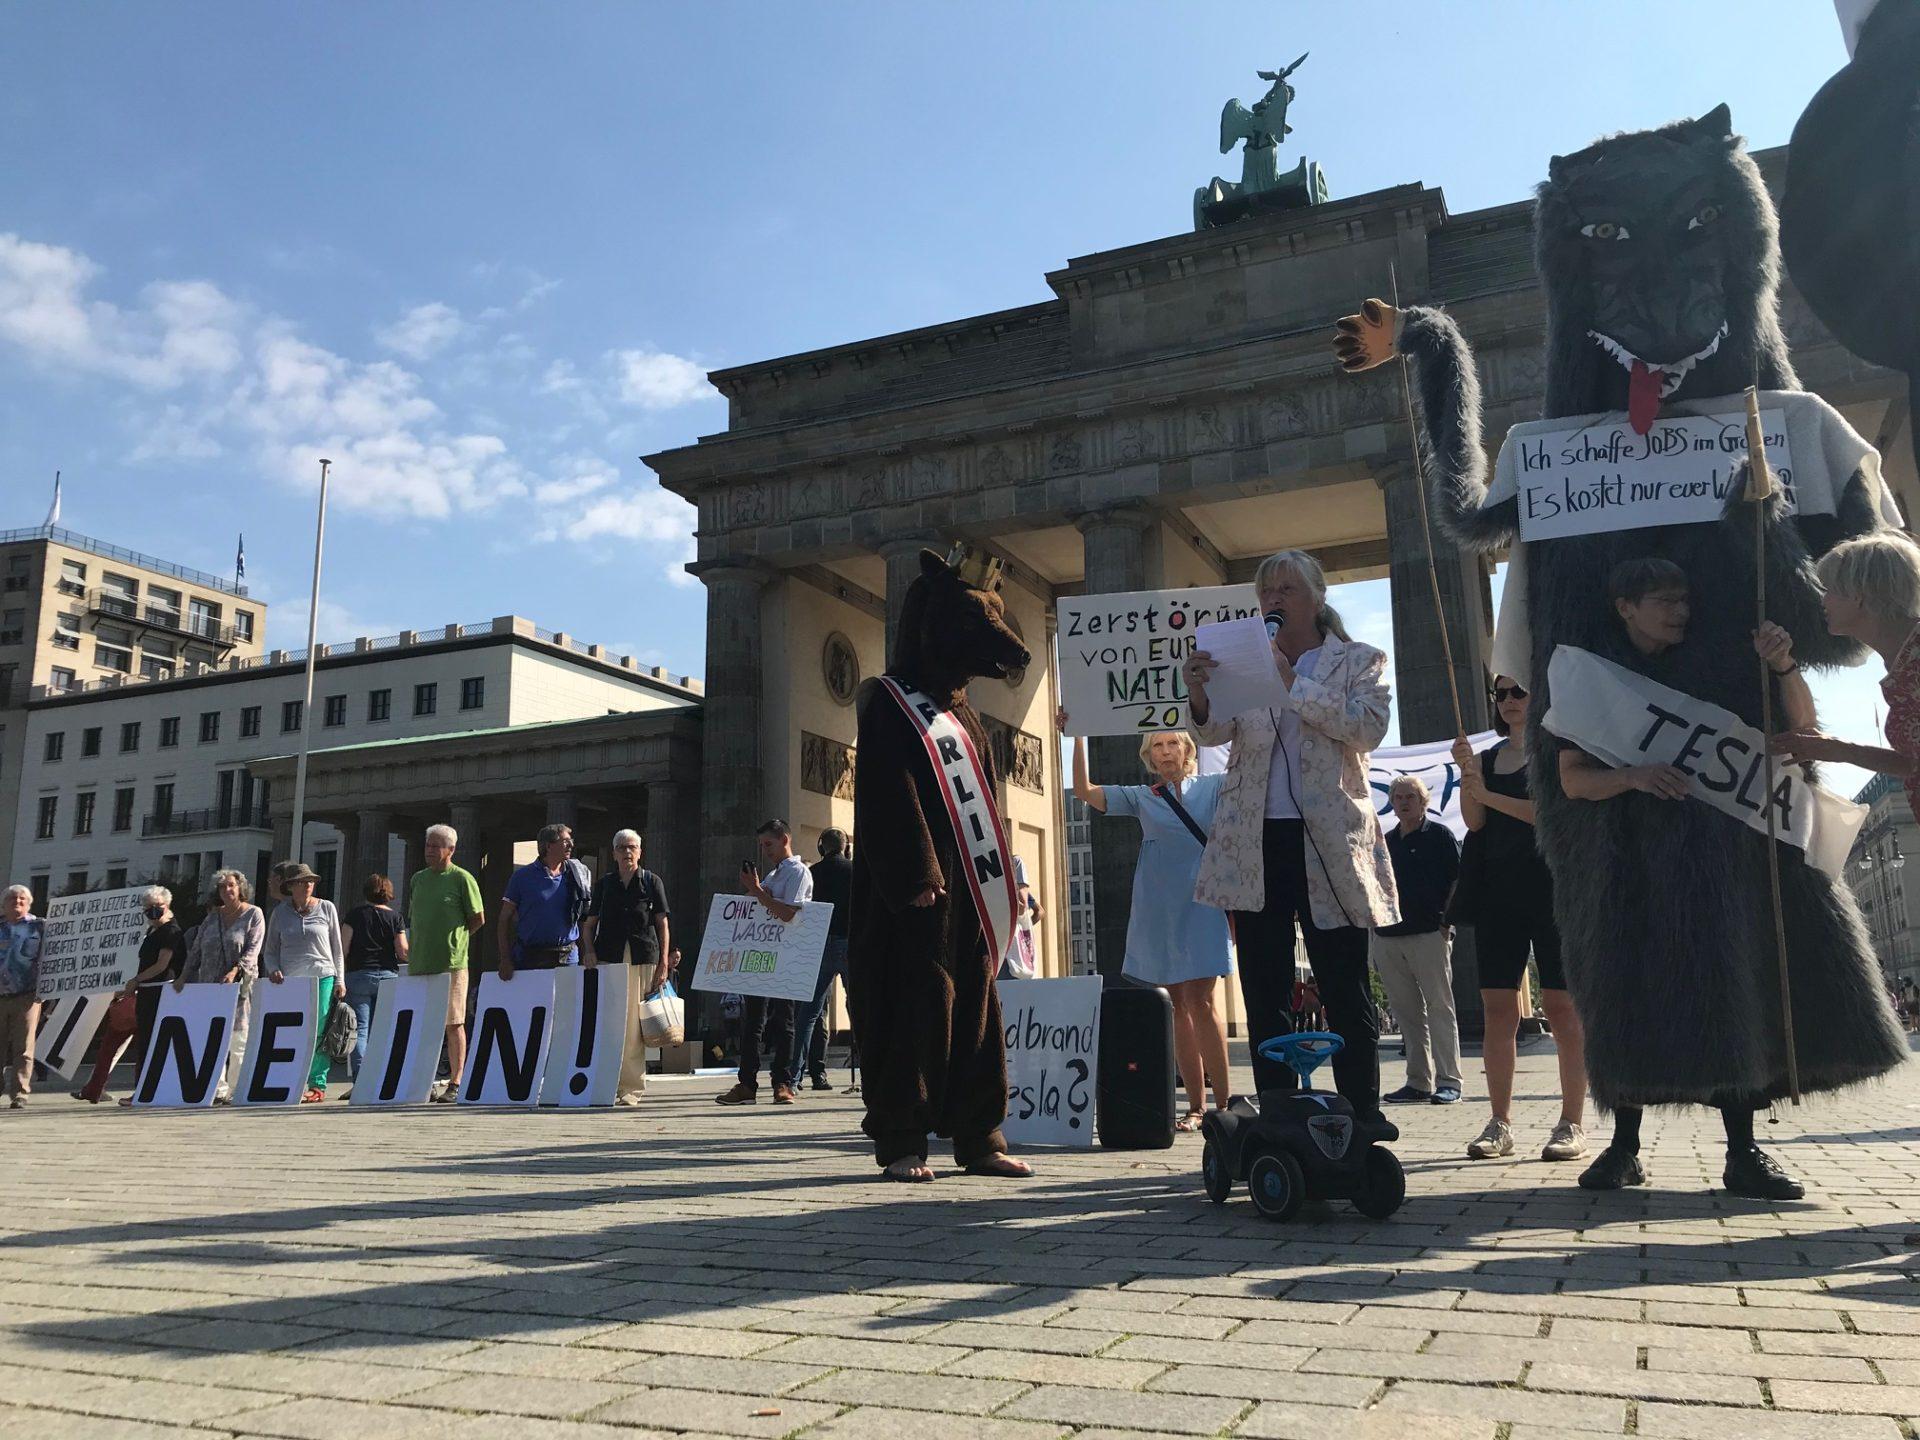 Wassertafel Berlin-Brandenburg sagt: TESLA, GOOD BYE!